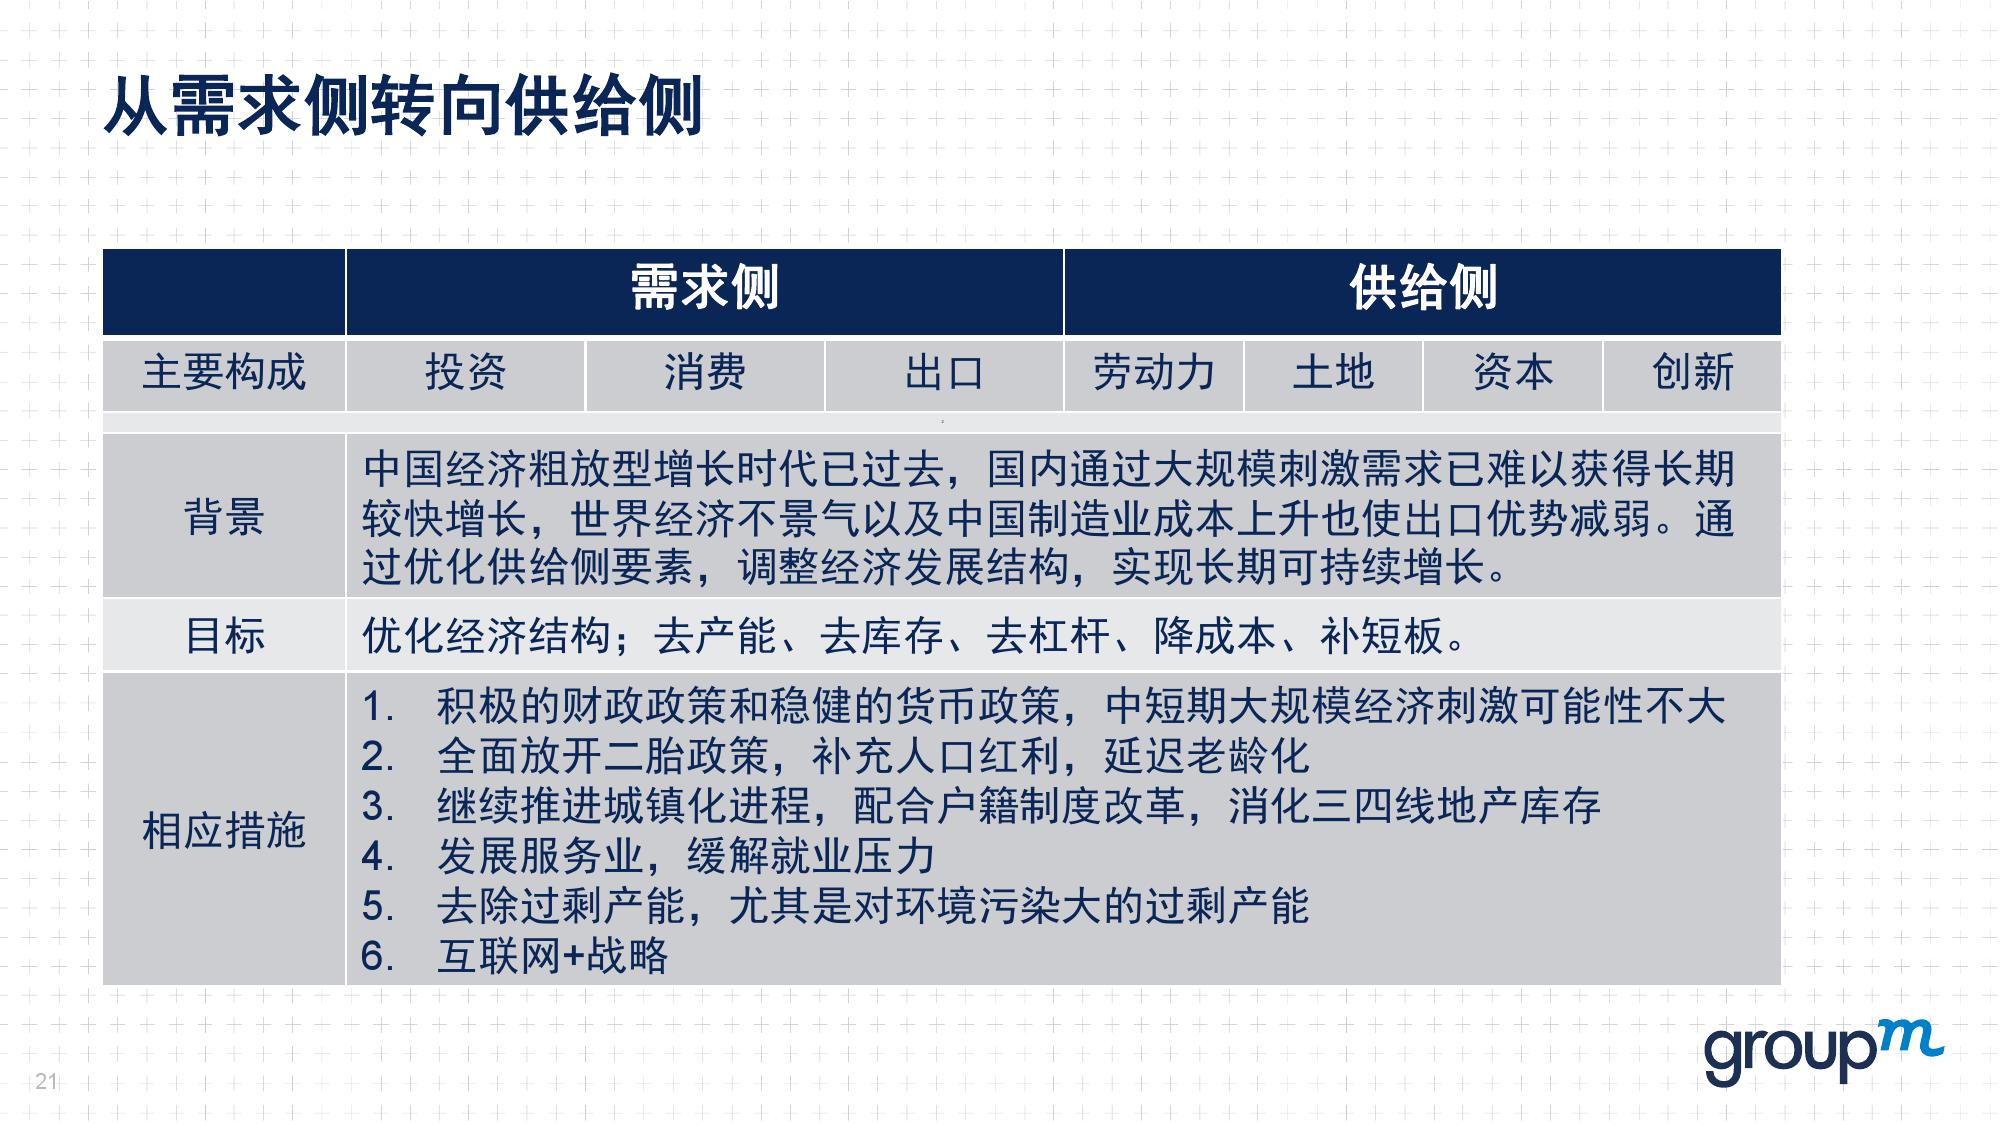 赢在中国2016:从需求刺激转向供给侧改革_000021